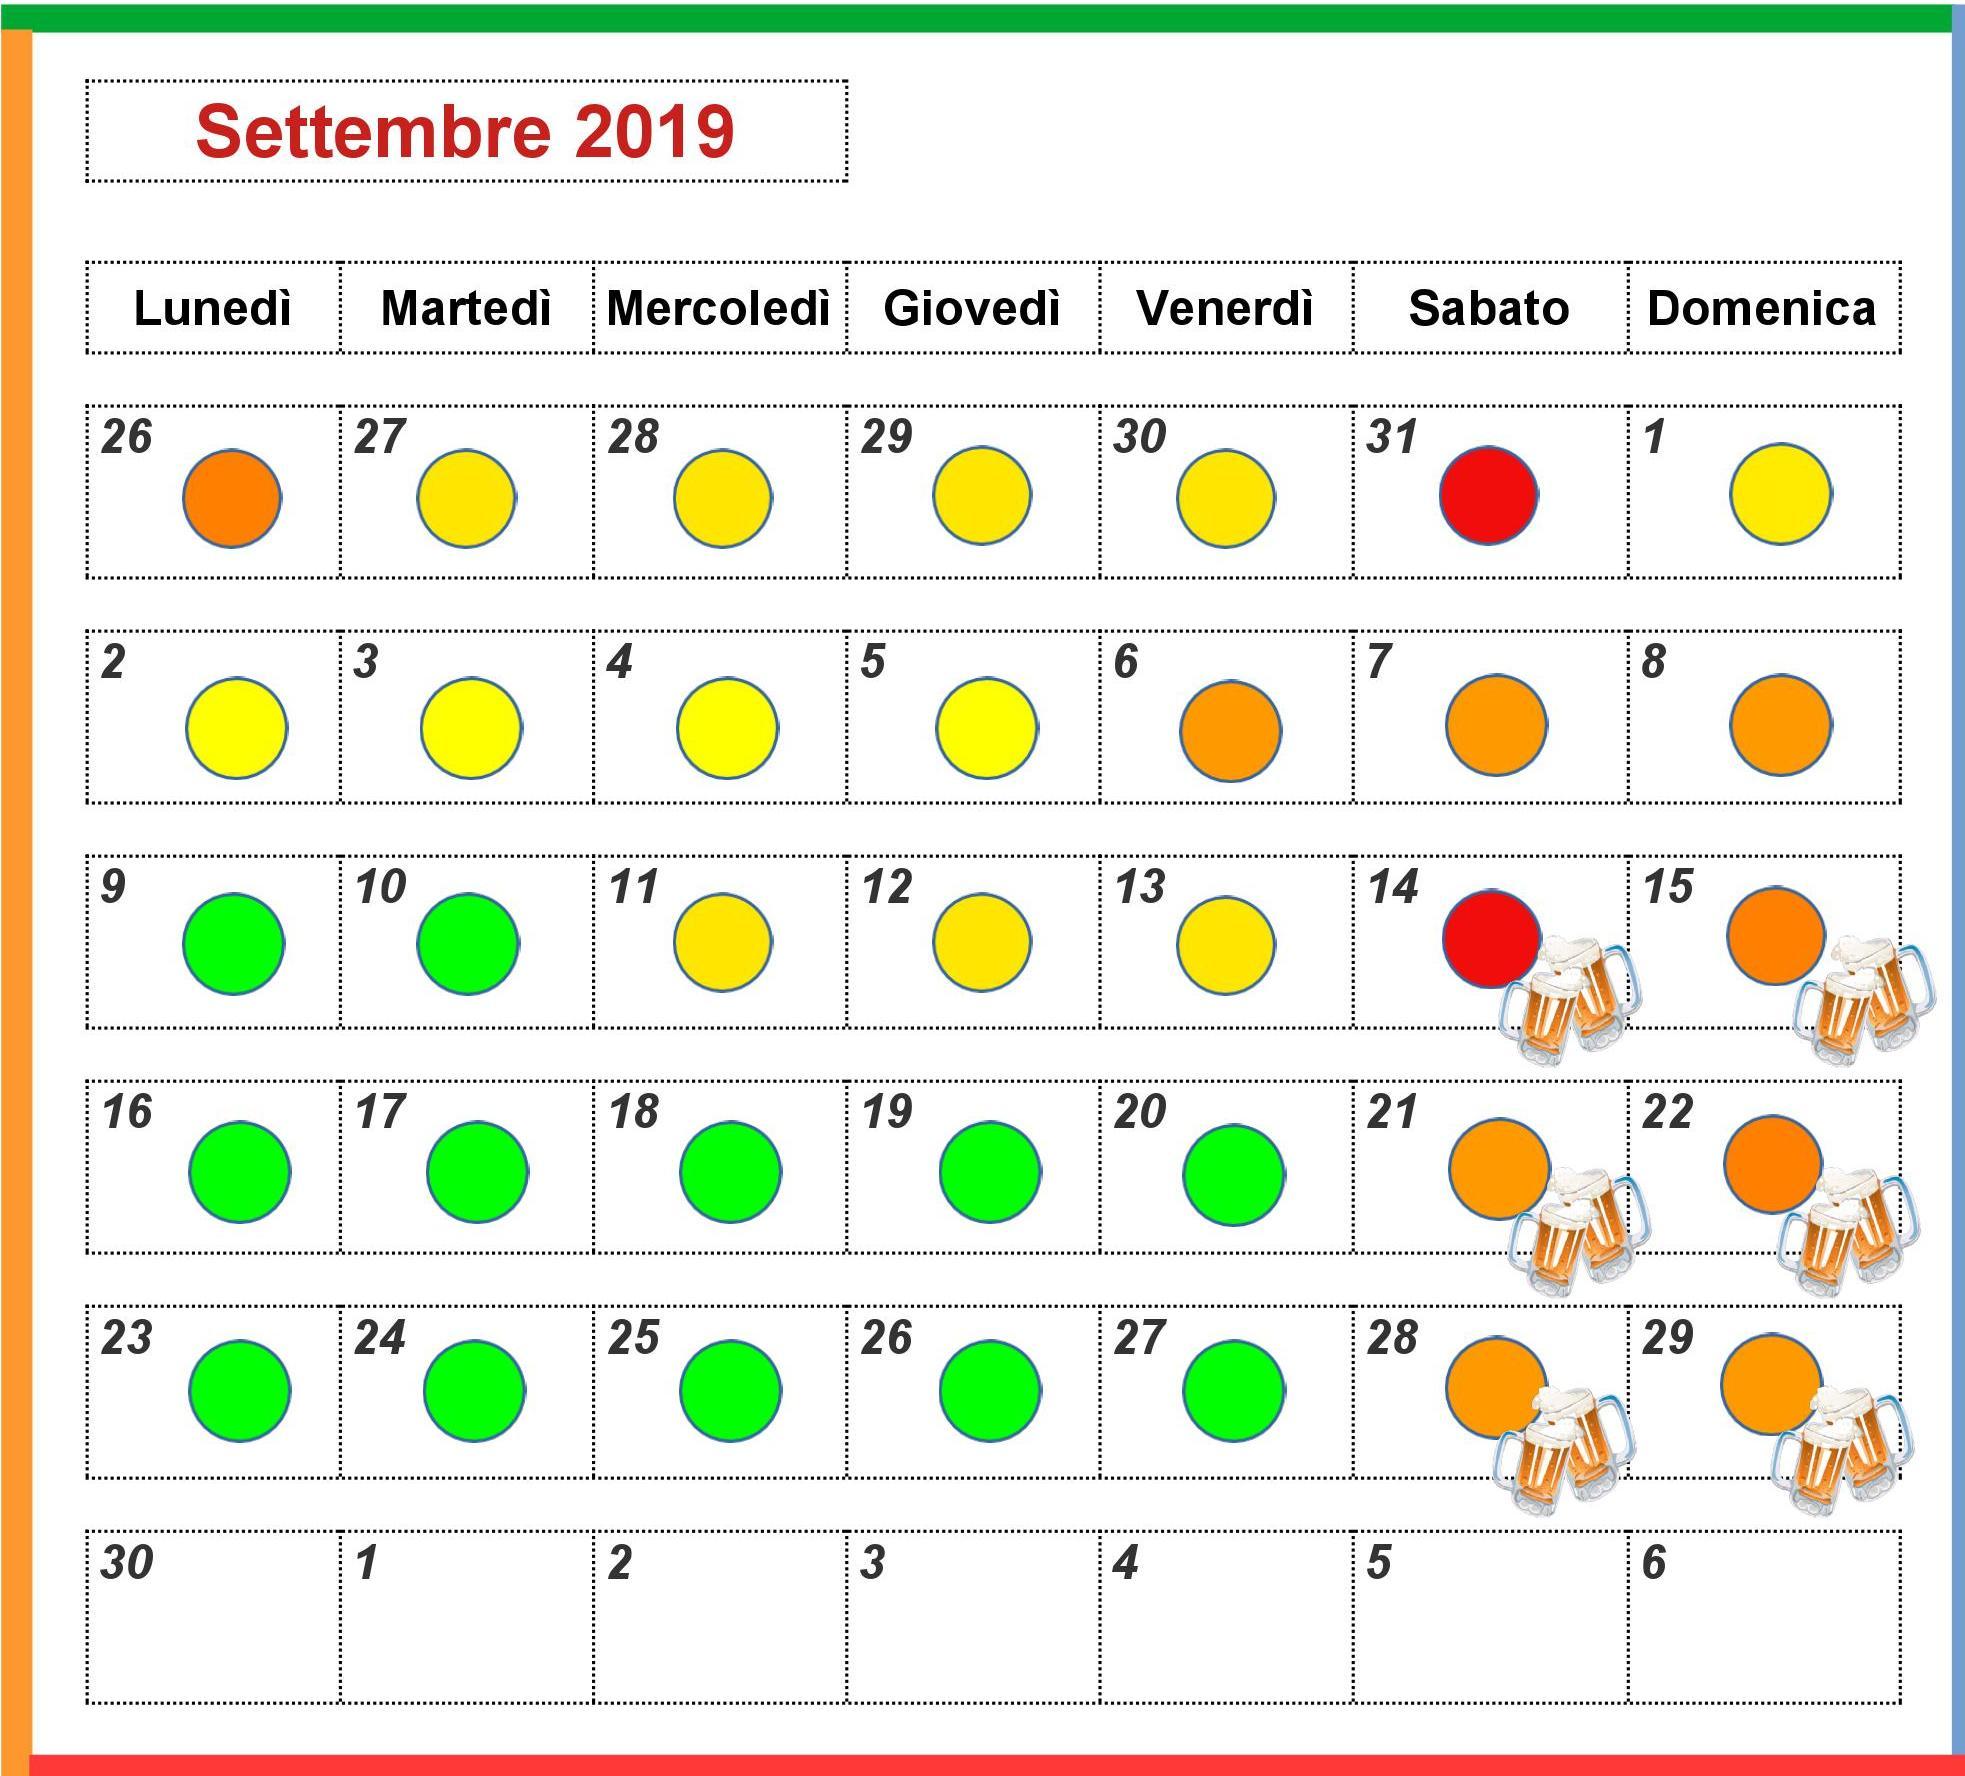 Previsioni Affluenza Movieland Settembre 2019